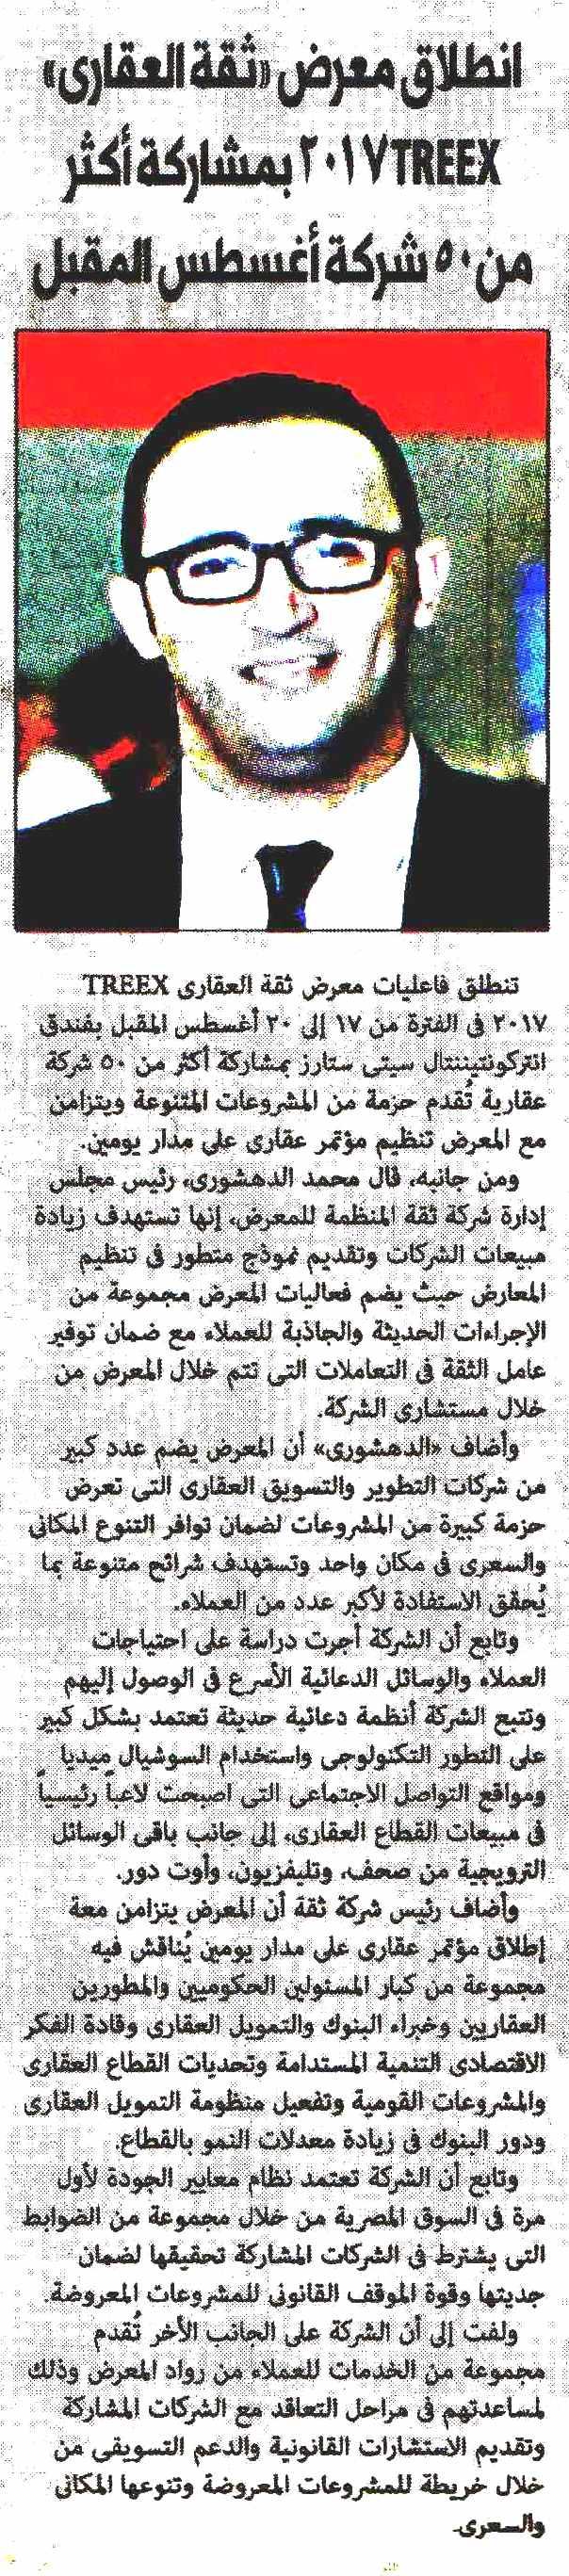 Al Mugaz 22 May P.12.jpg